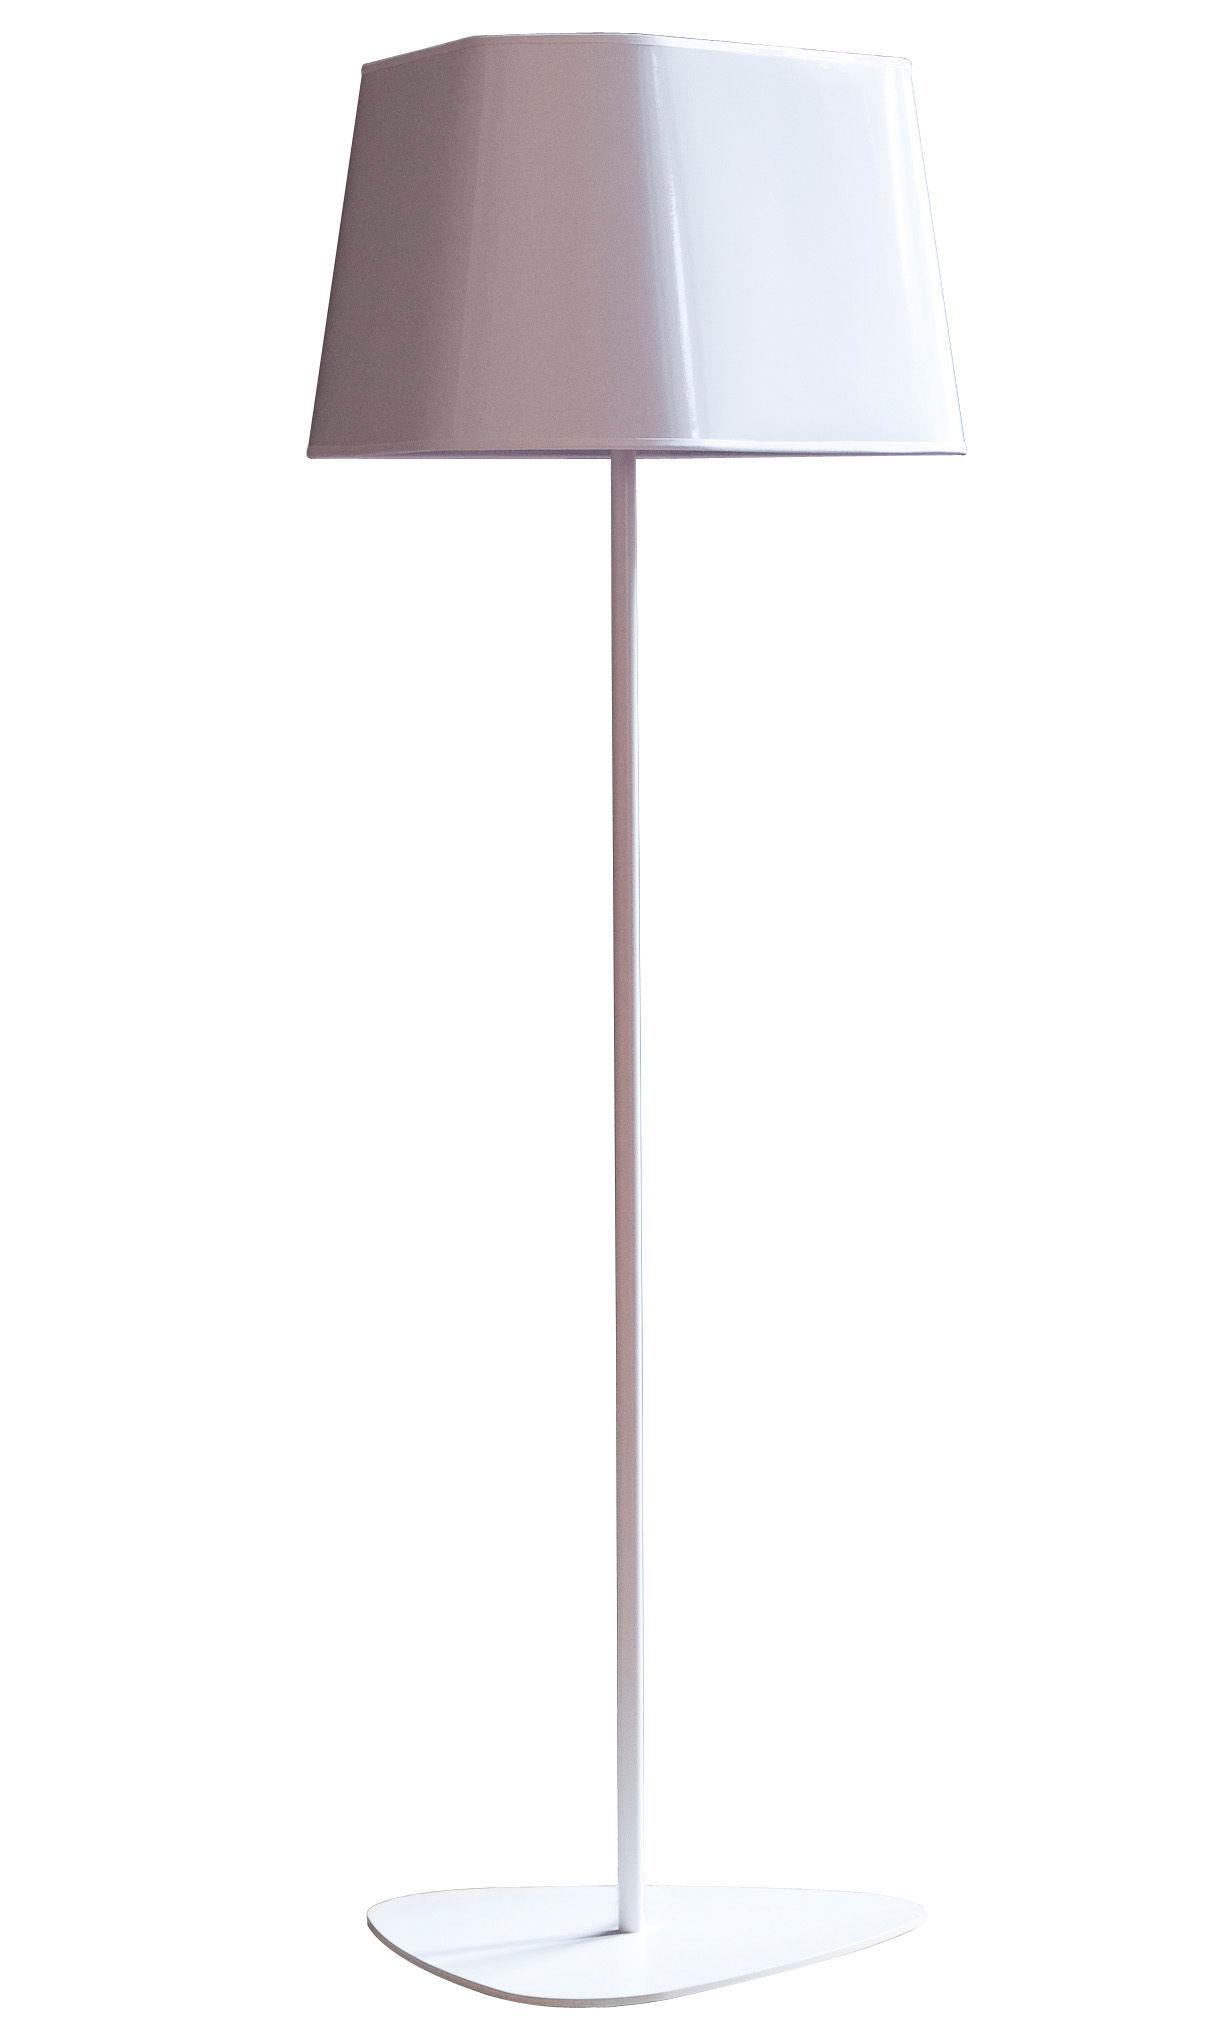 Illuminazione - Lampade da terra - Lampada a stelo Grand Nuage di Designheure - A 122 cm - Bianco tessuto percalina - Acciaio laccato, Cotone percalle